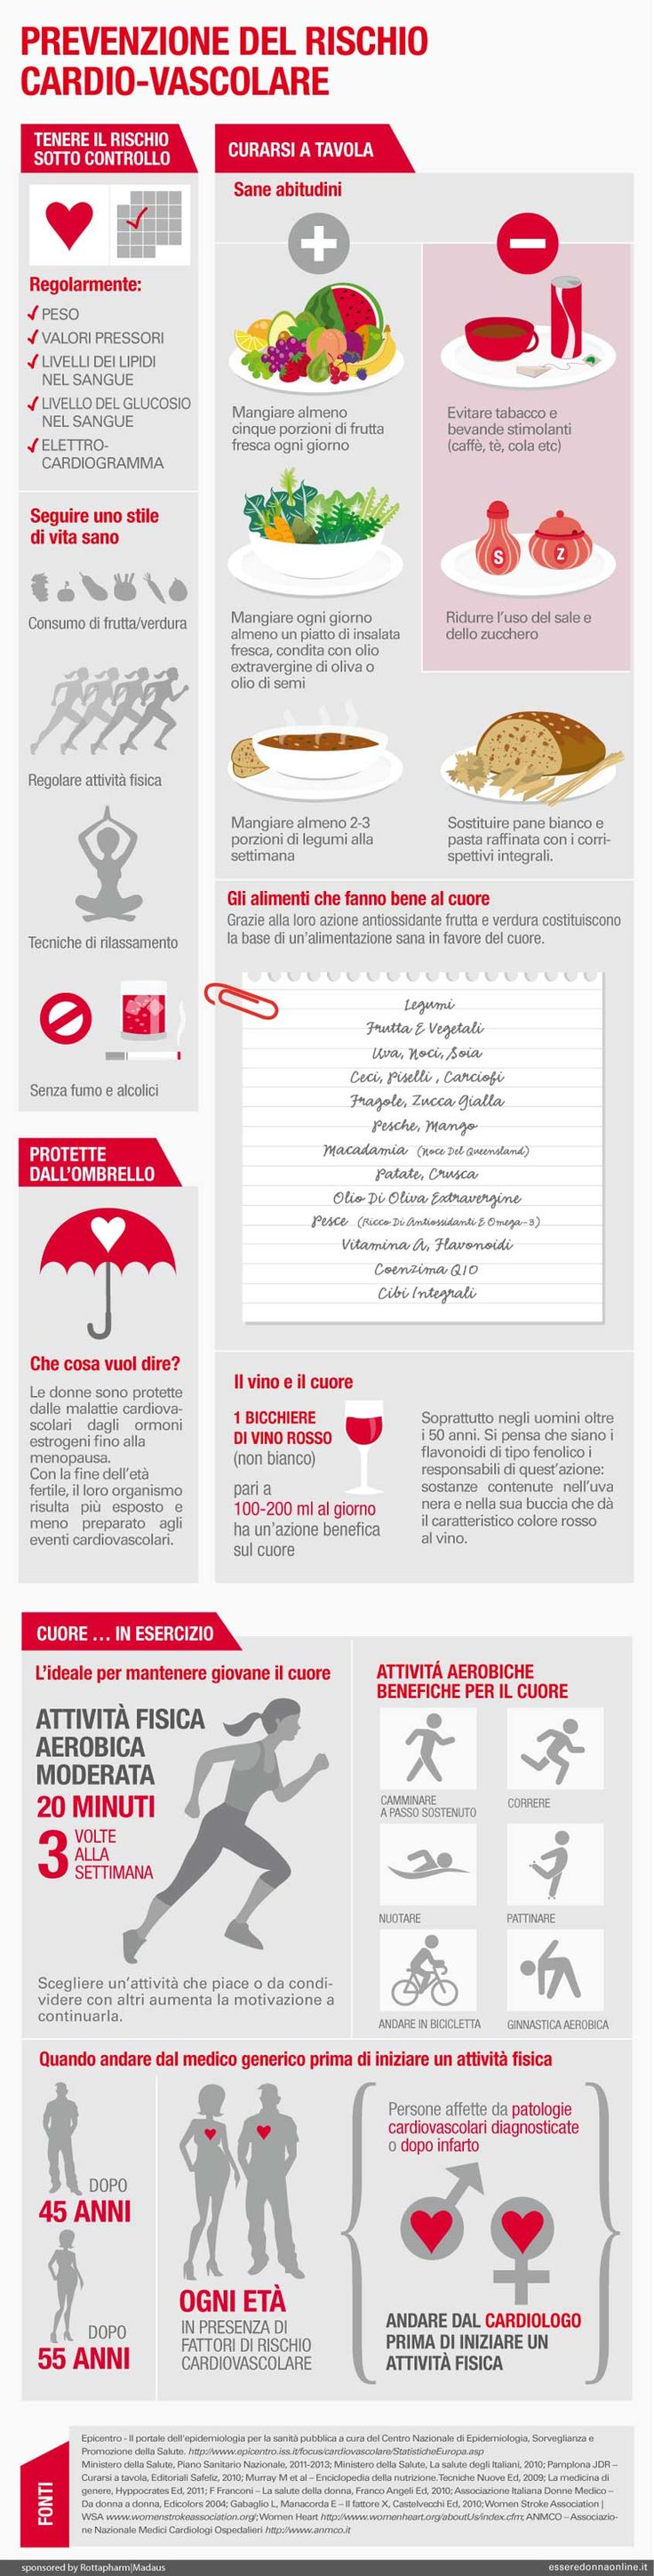 Prevenzione del rischio cardiovascolare - esseredonnaonline